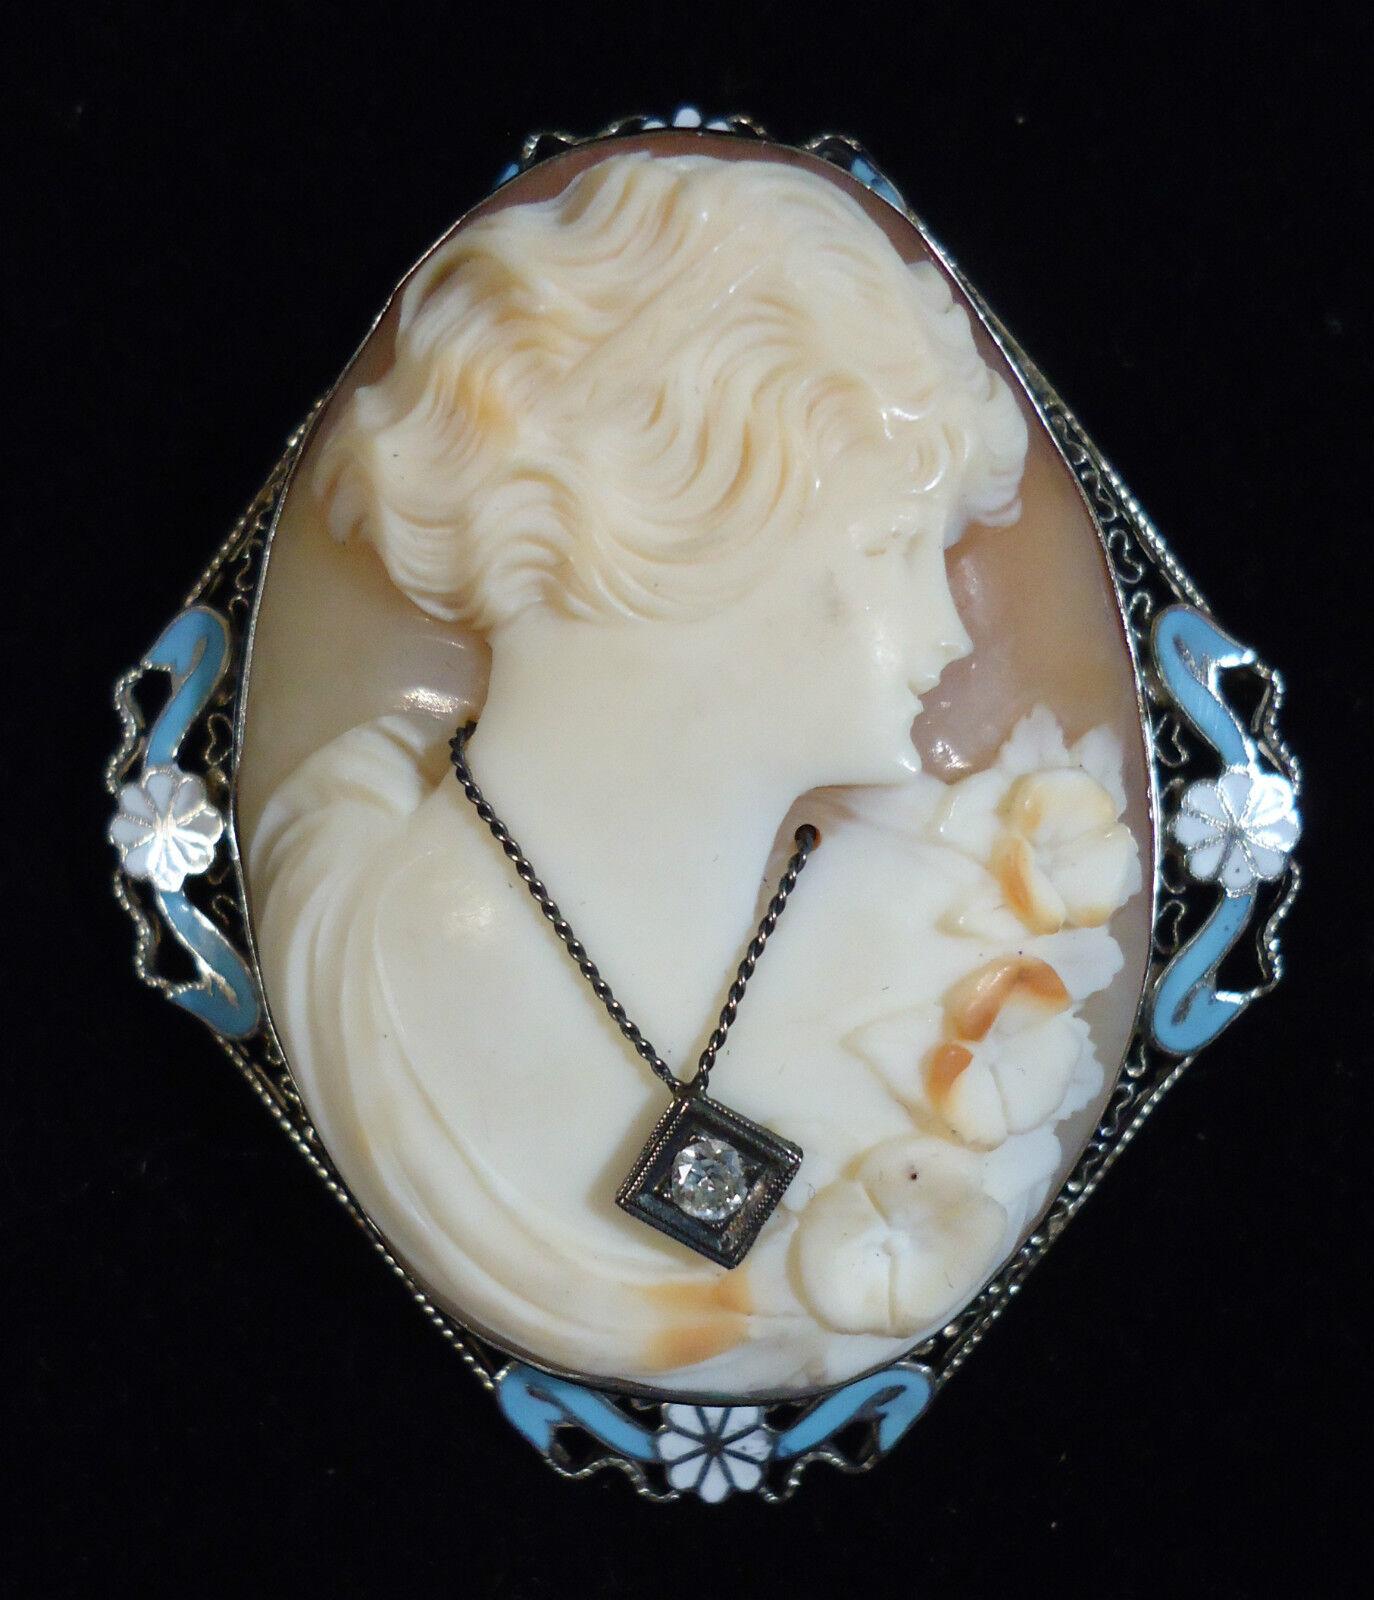 Popular Brand Trauringe Eheringe Aus 585 Gold Bicolor Mit Diamant & Gratis Gravur A19013637 Uhren & Schmuck